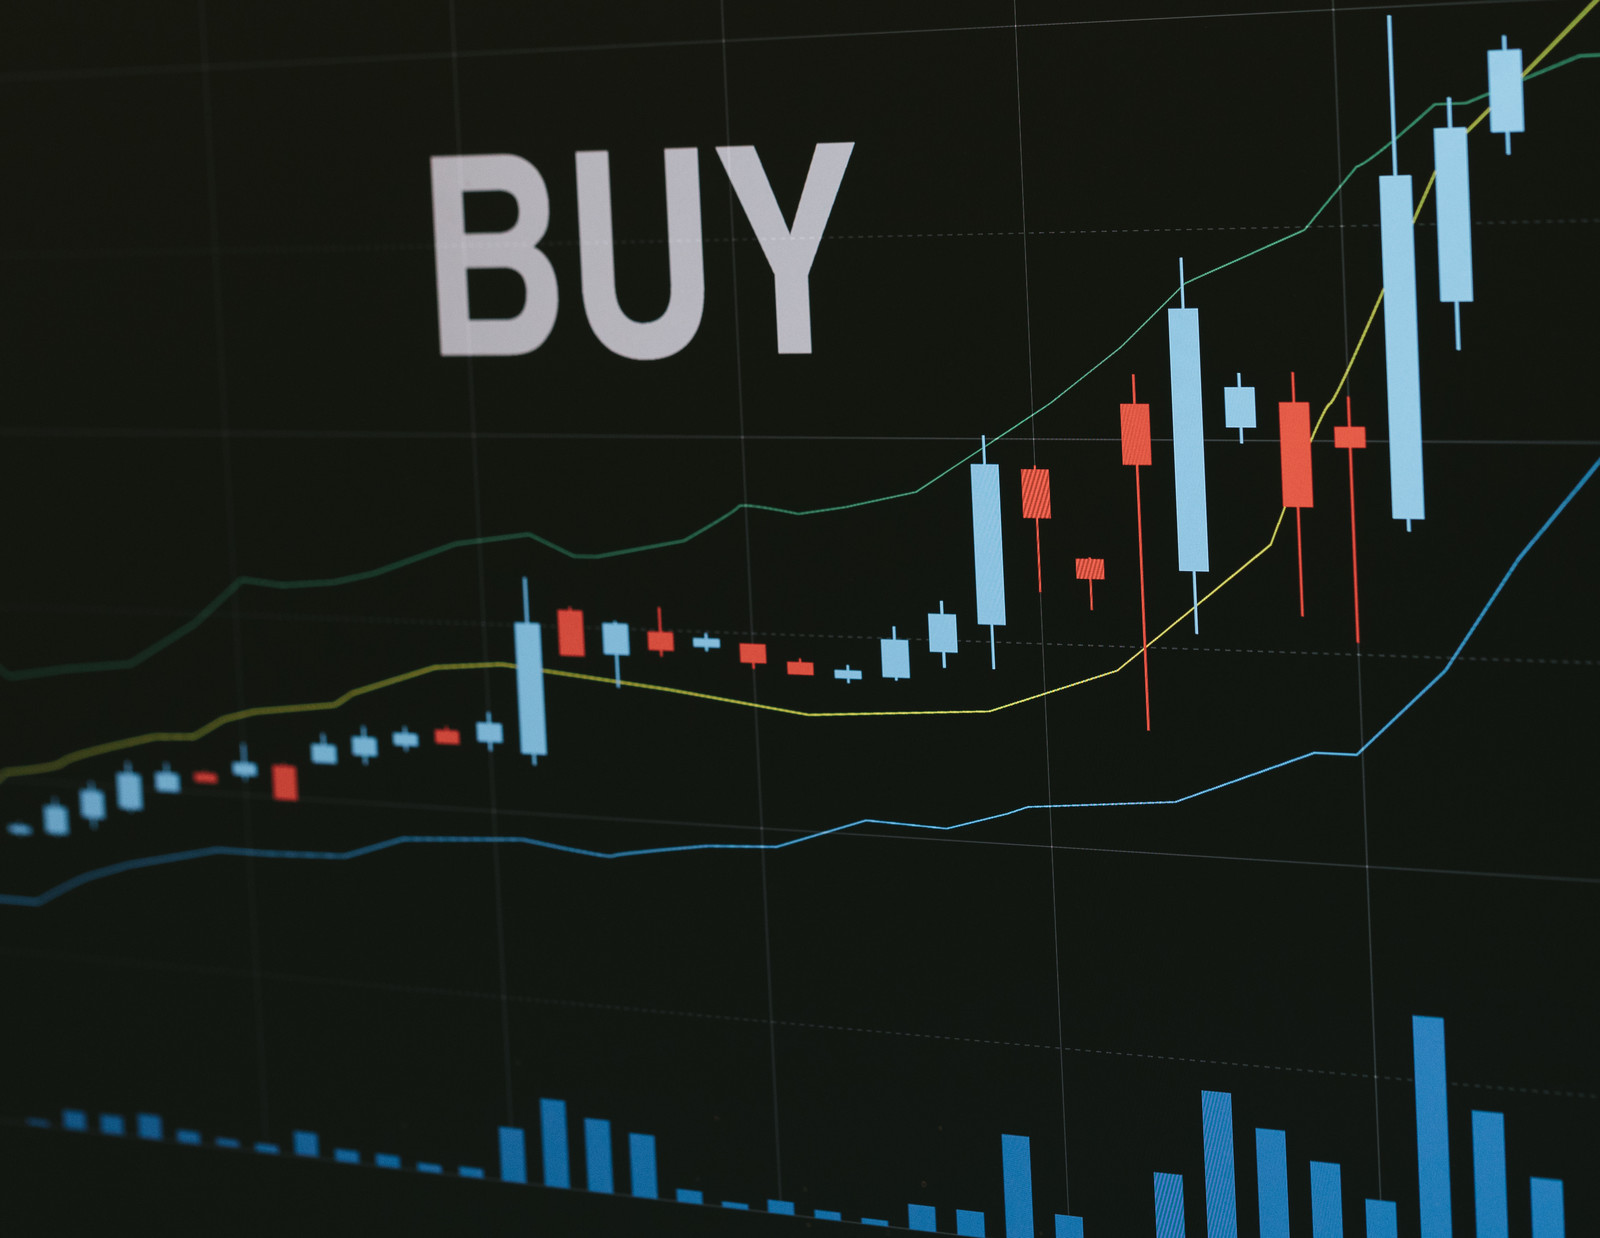 「買い時を知らせる自動売買買い時を知らせる自動売買」のフリー写真素材を拡大